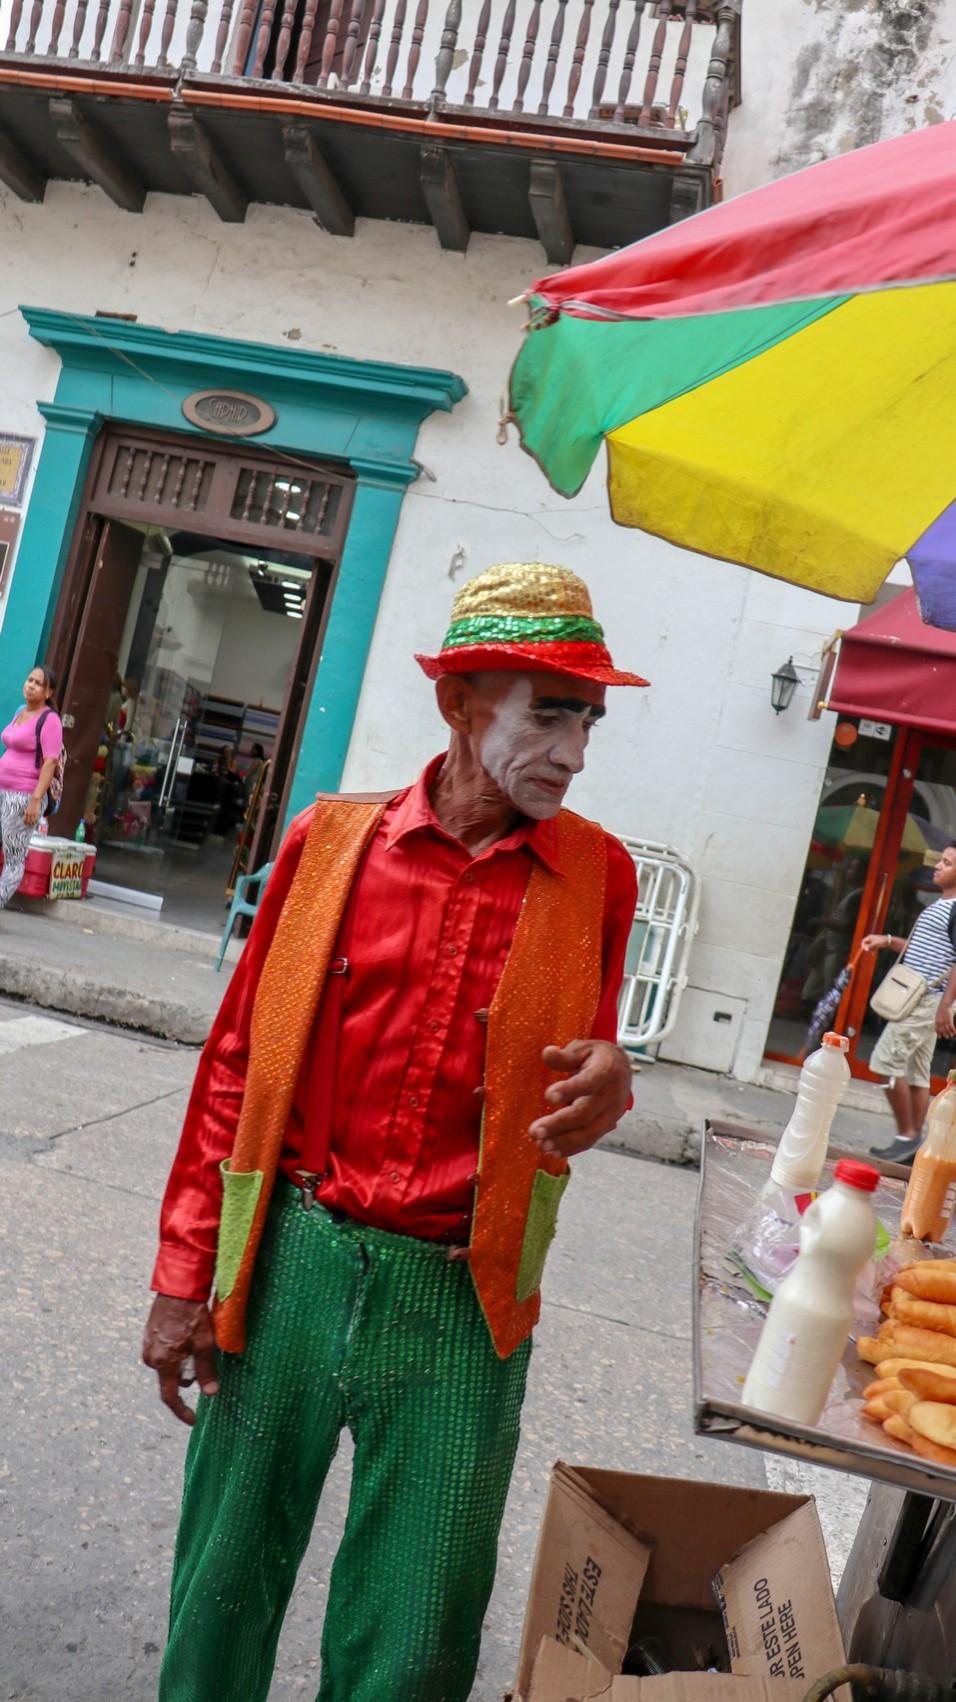 2018-07-30 Cartagena-114